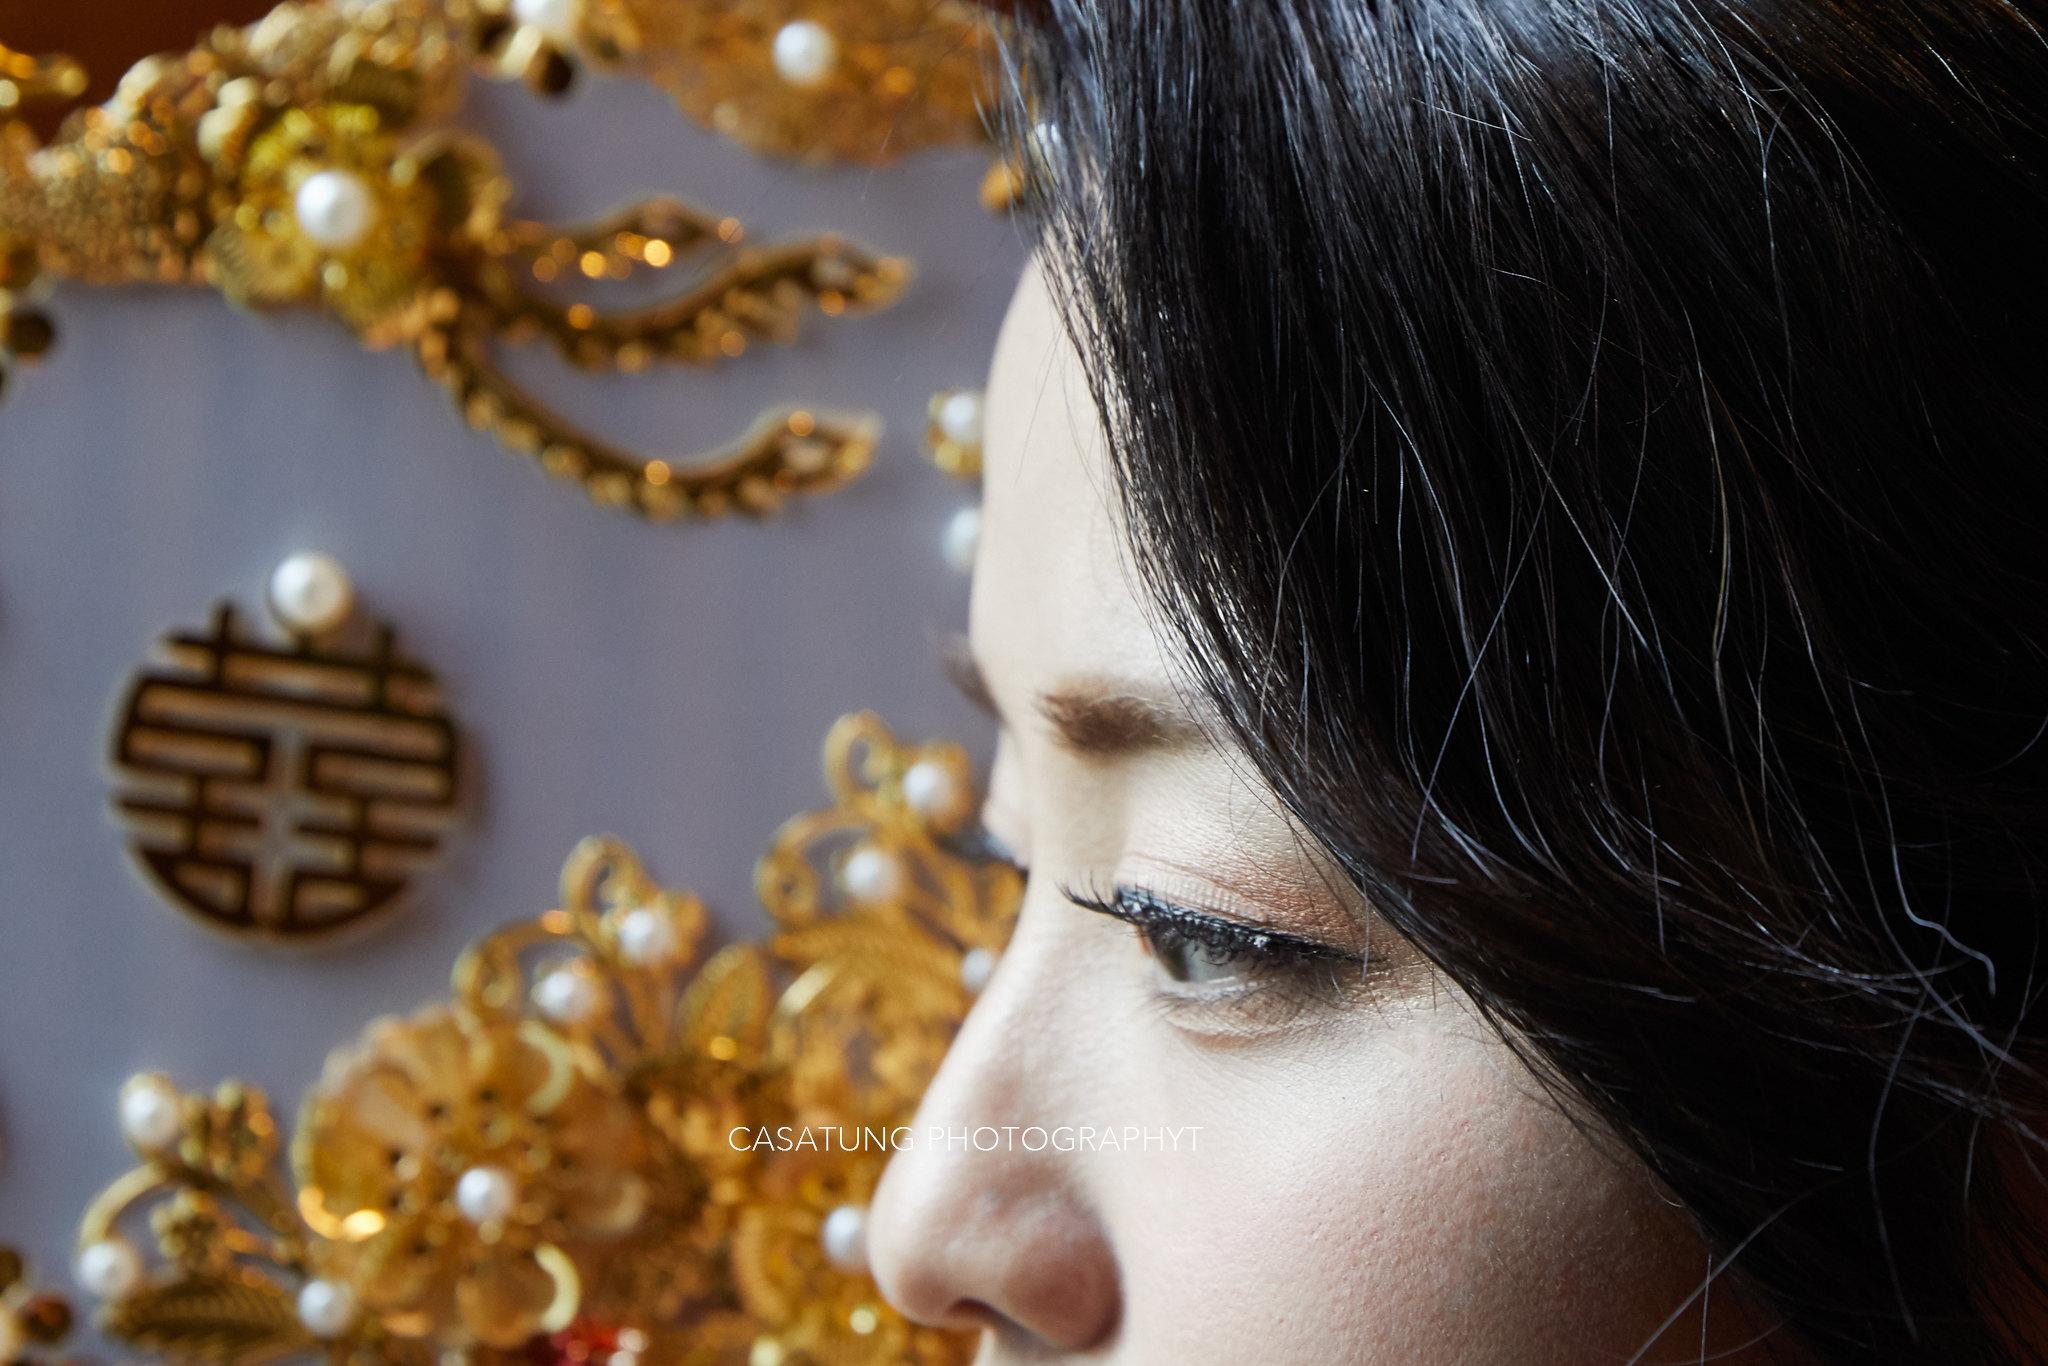 日月潭婚禮, 台中婚攝, 婚禮紀錄, 婚攝推薦, 涵碧樓婚禮, casa, casatung.台中婚攝casa-142